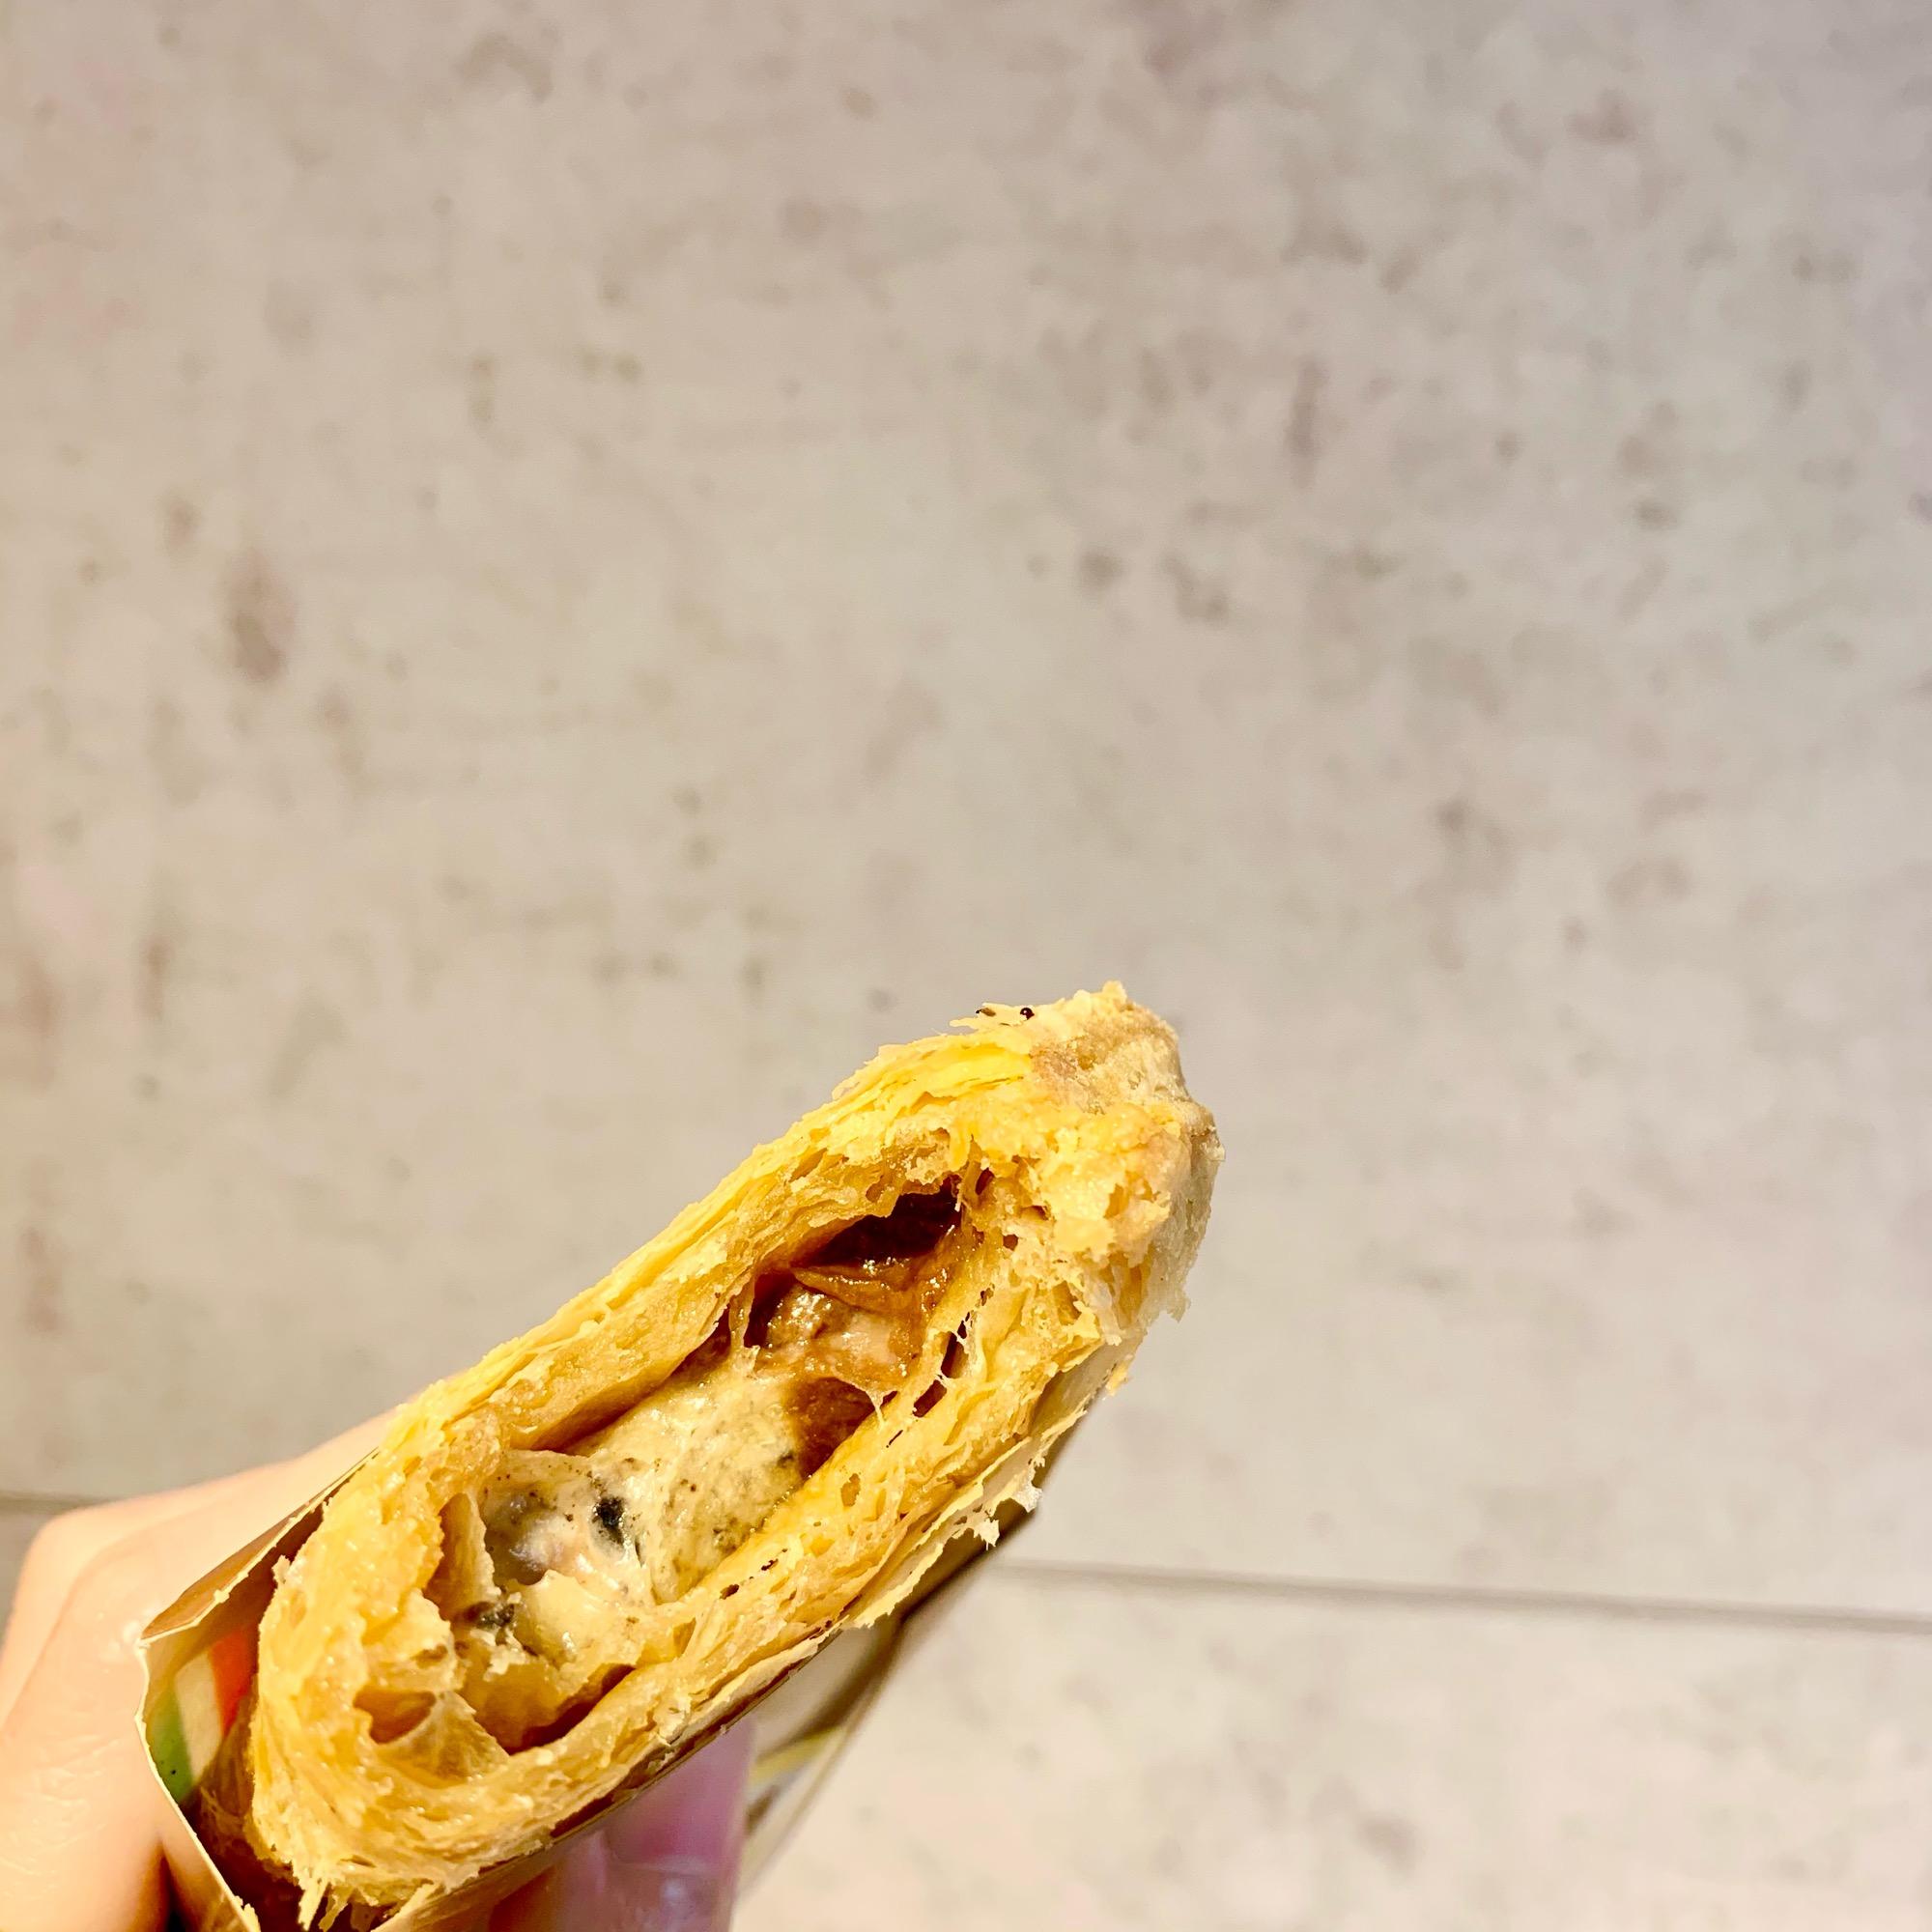 【マクドナルド】《三角チョコパイ初❤️》ティラミス味が登場!☻_4